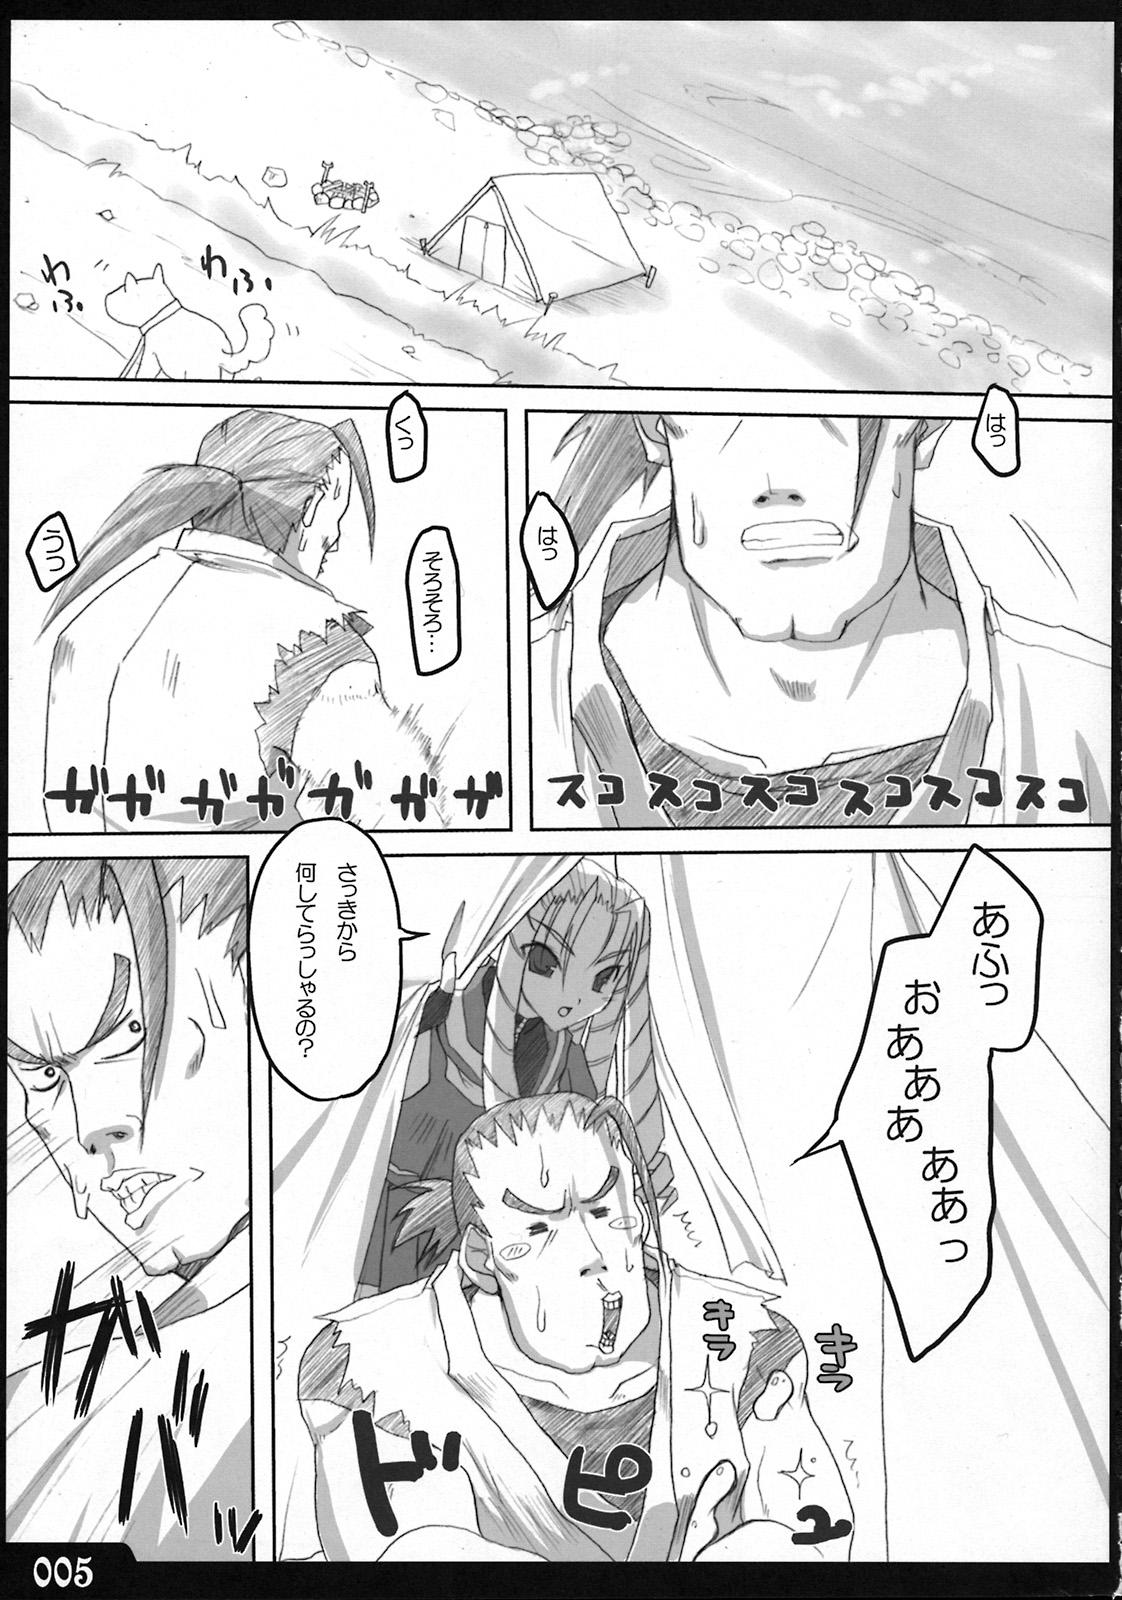 Saikyou tate-roll 3